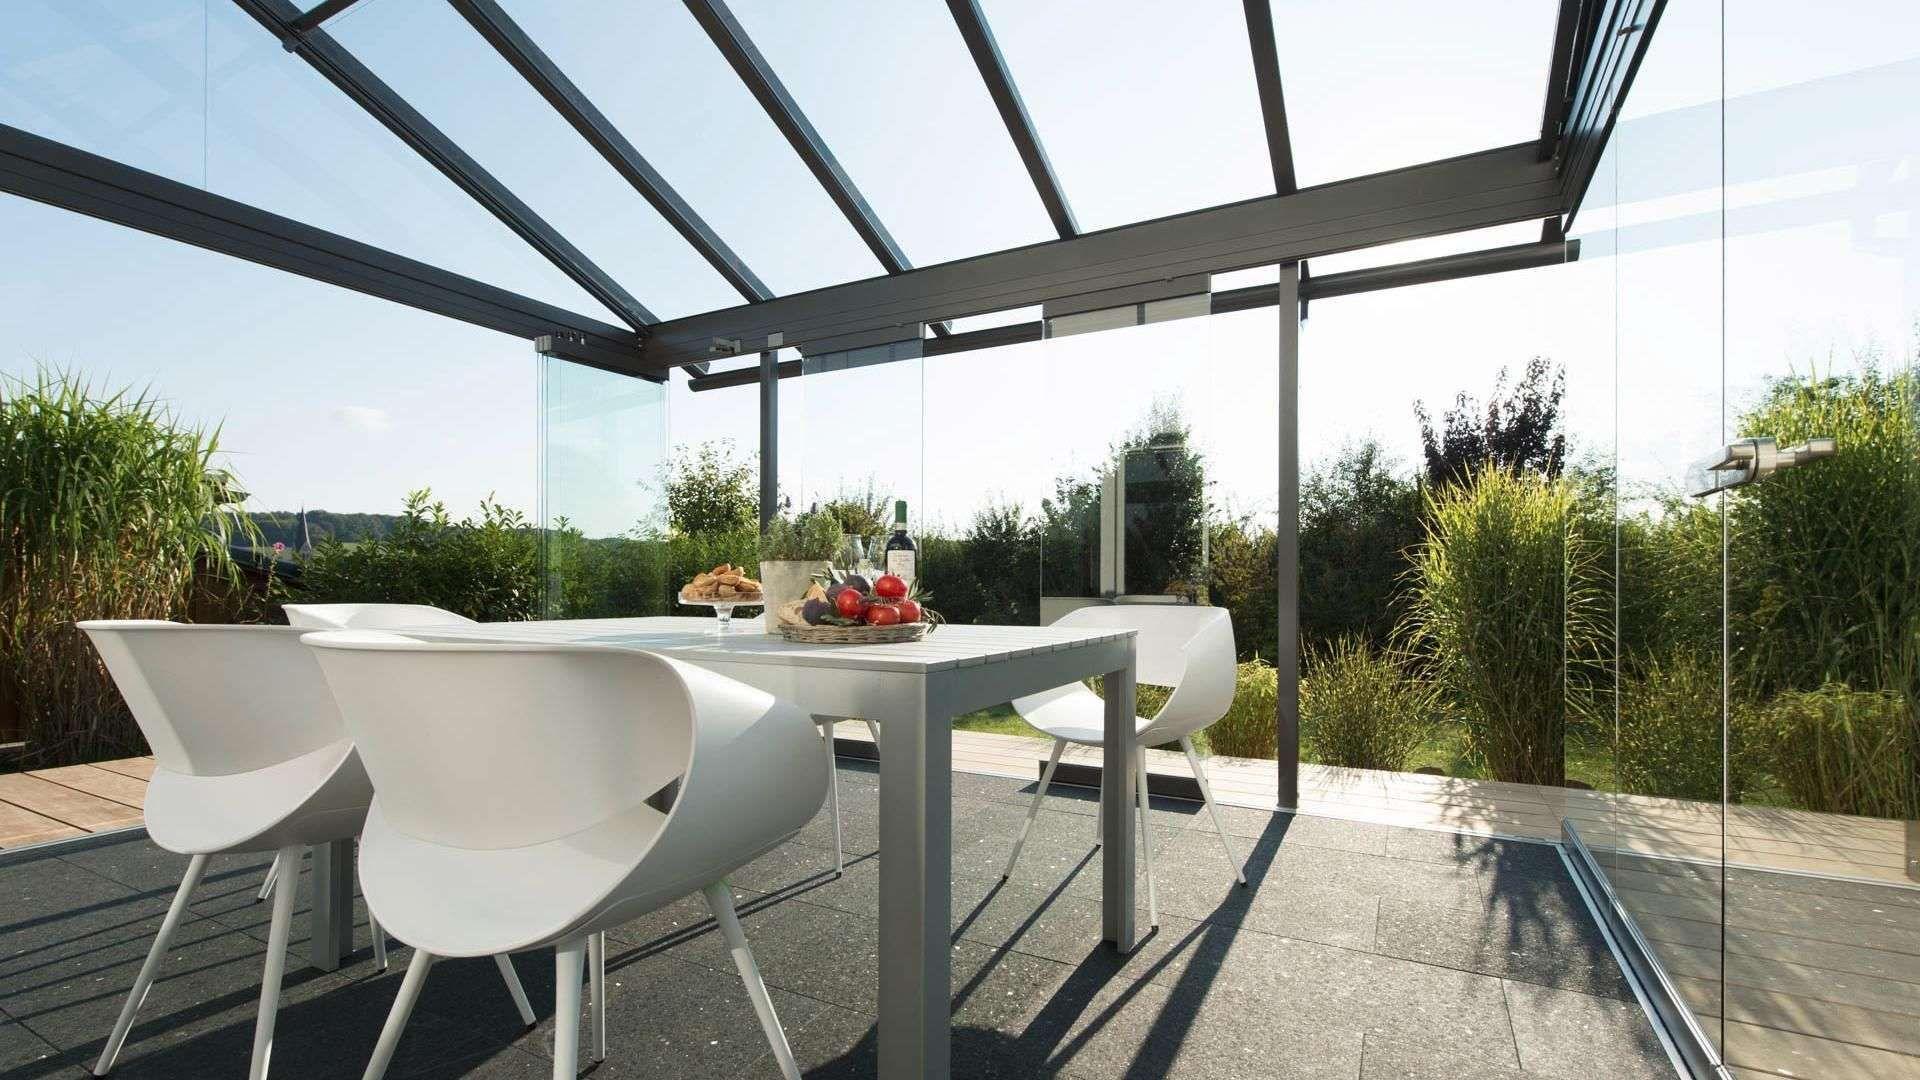 Innenansicht eines Solarlux Glashauses mit geöffneten Glas-Elementen und modernen Sitzmöbeln im Inneren